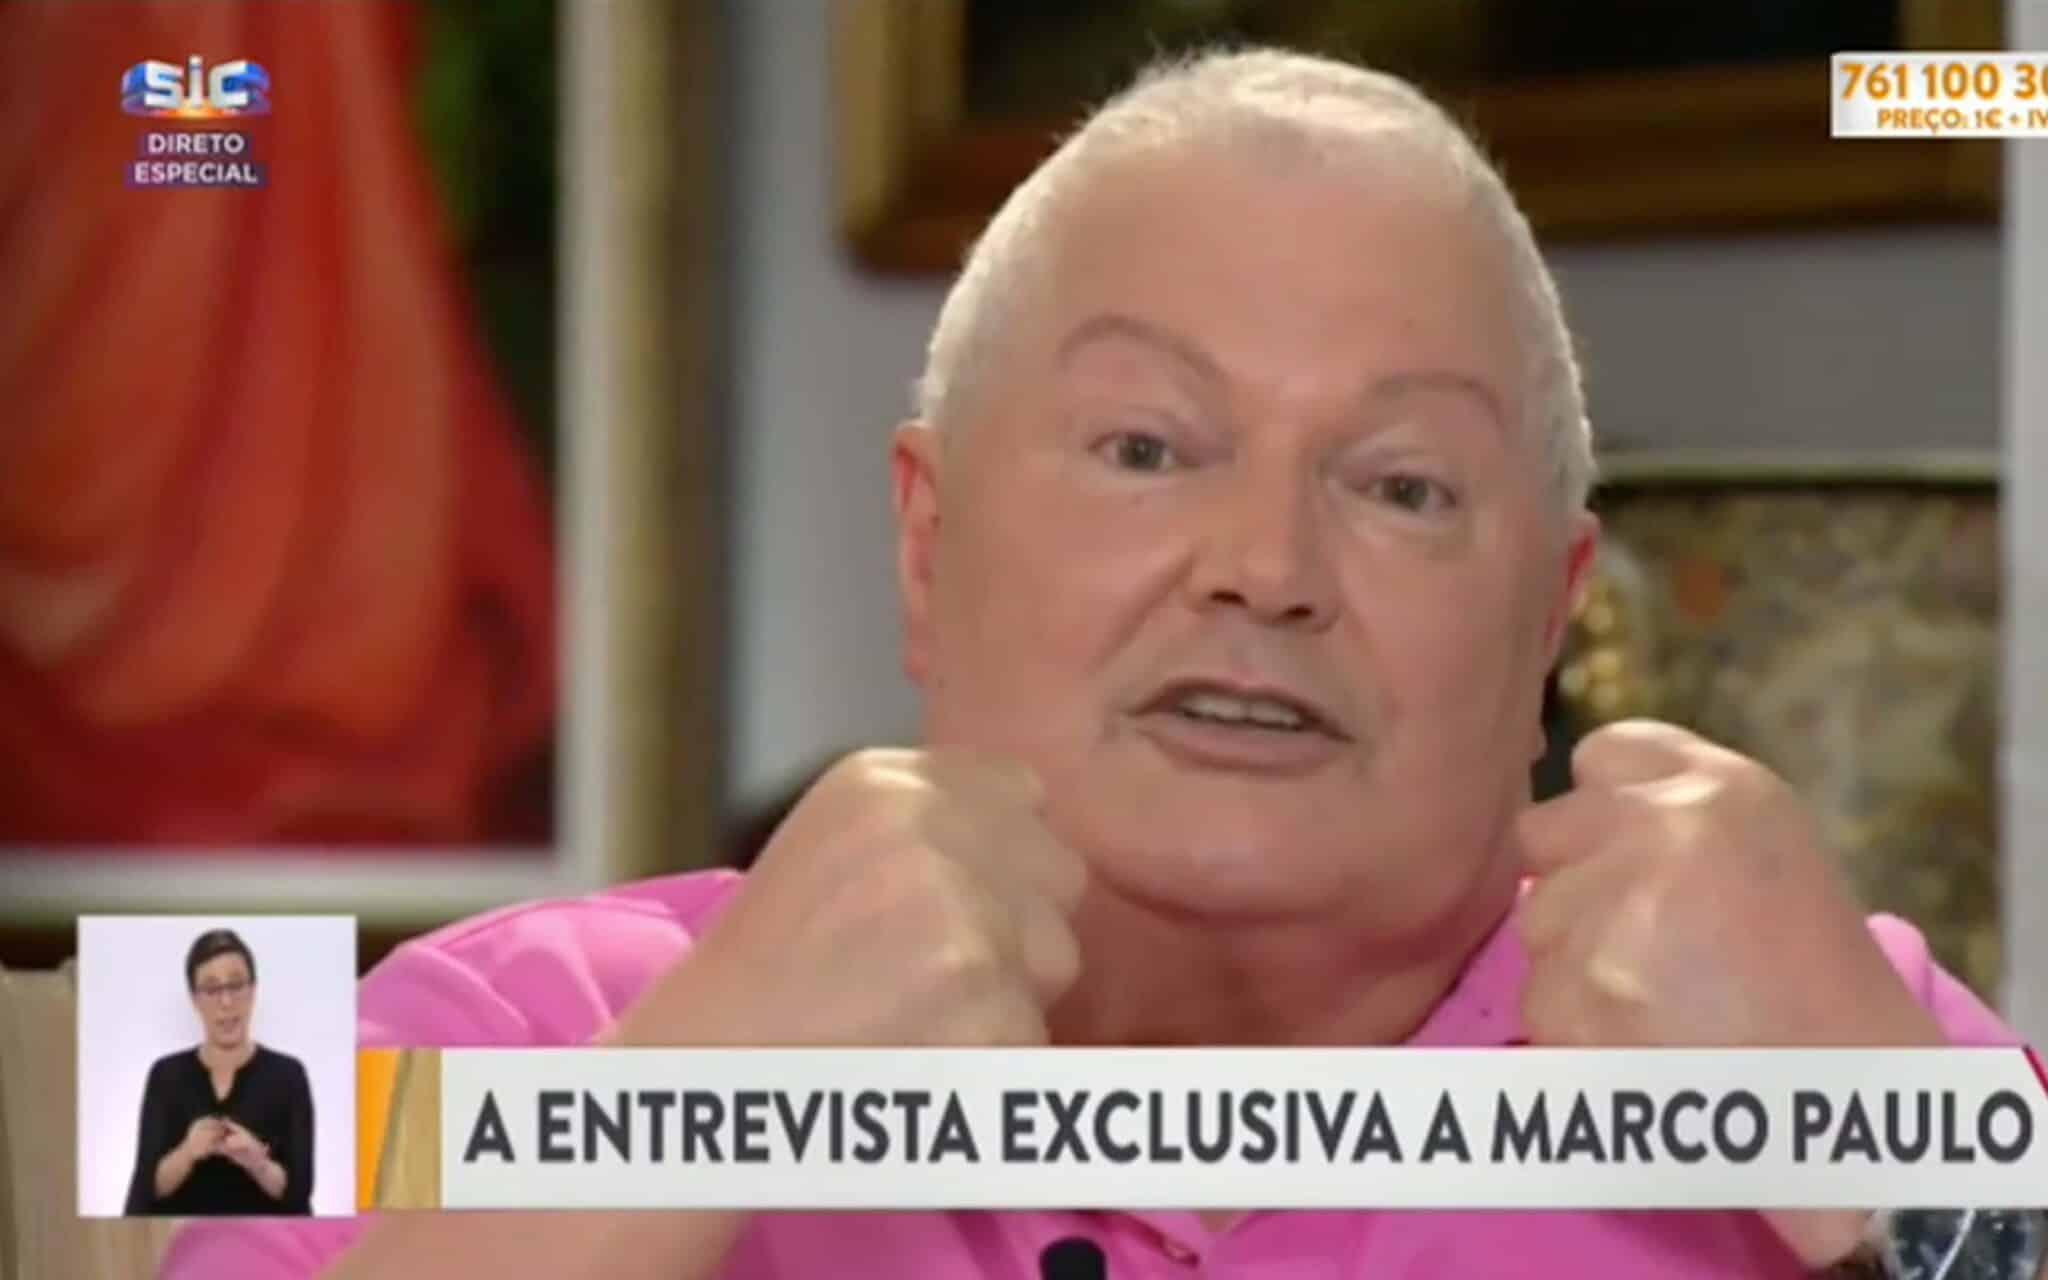 marco paulo entrevista sic